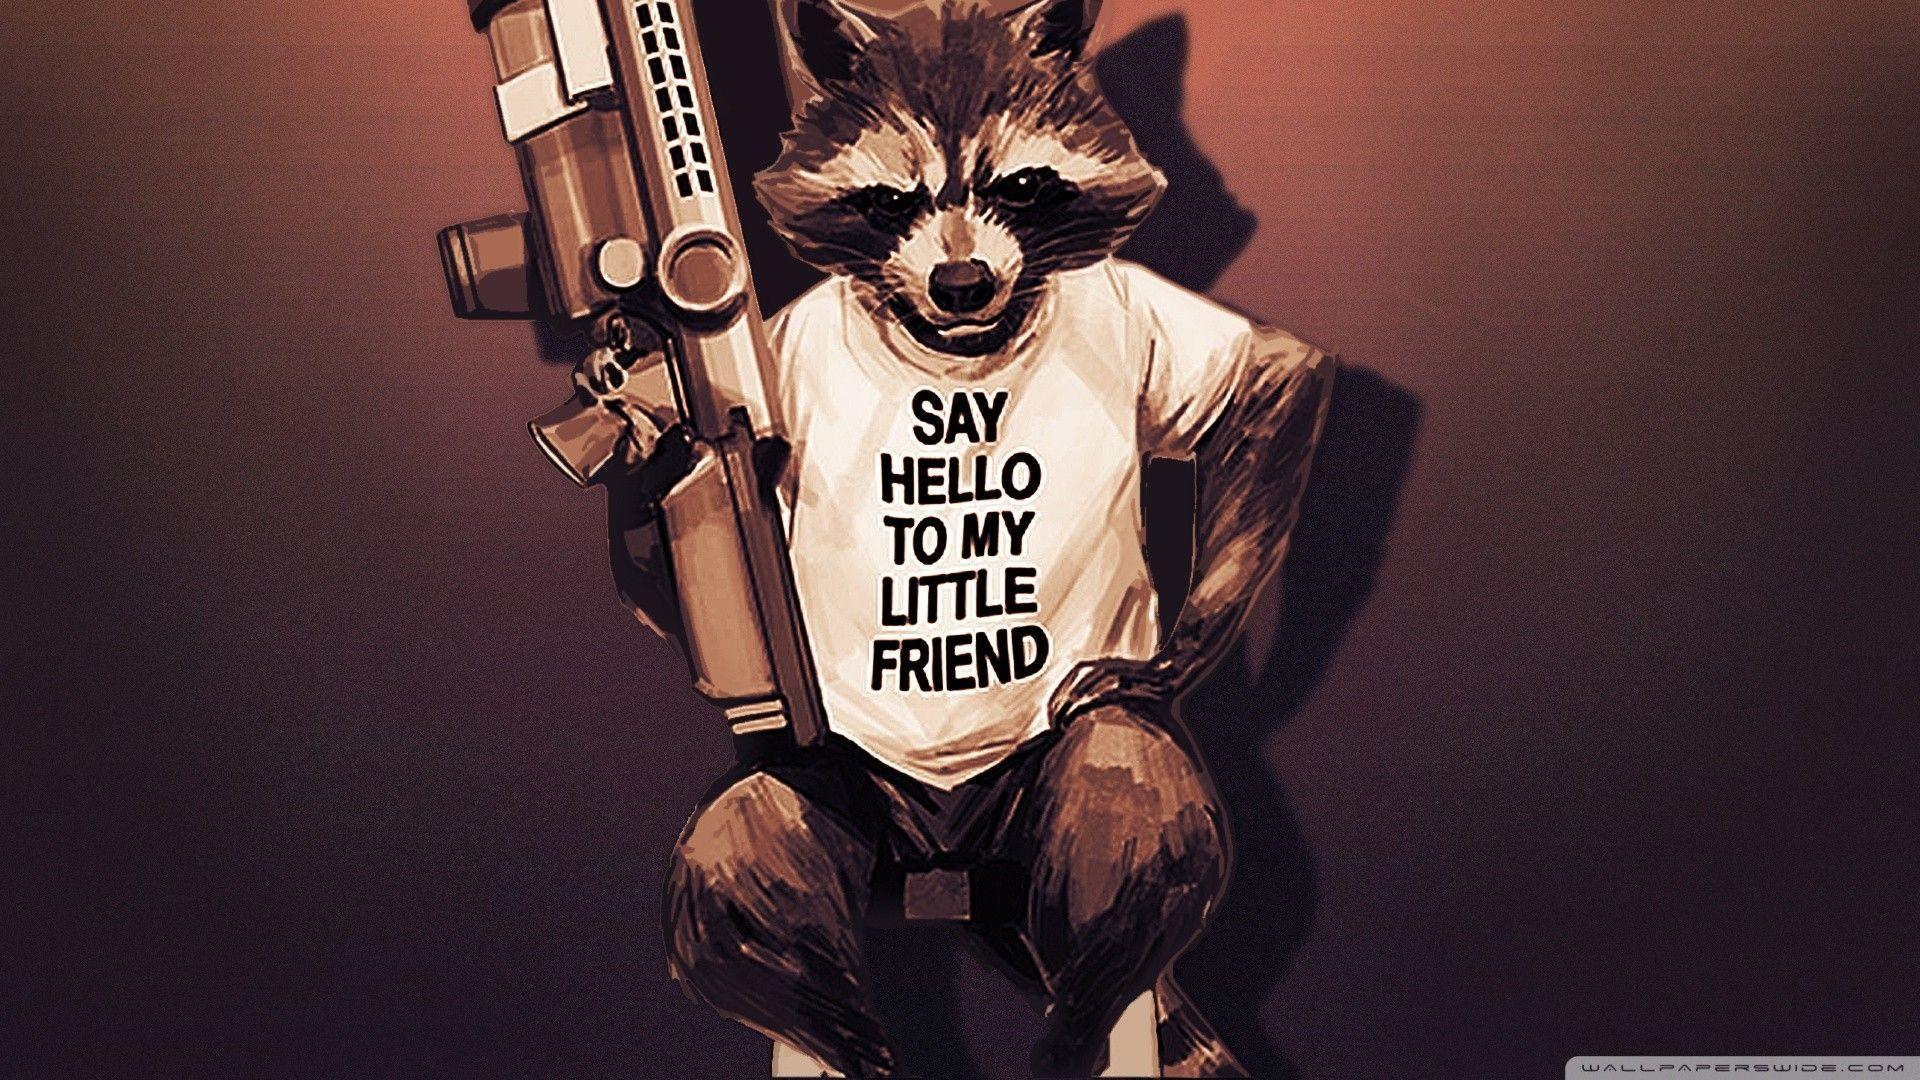 Rocket Raccoon Guardians Of The Galaxy Wallpaper No 169999 Wallhaven Cc Rocket Raccoon Galaxy Wallpaper Raccoon